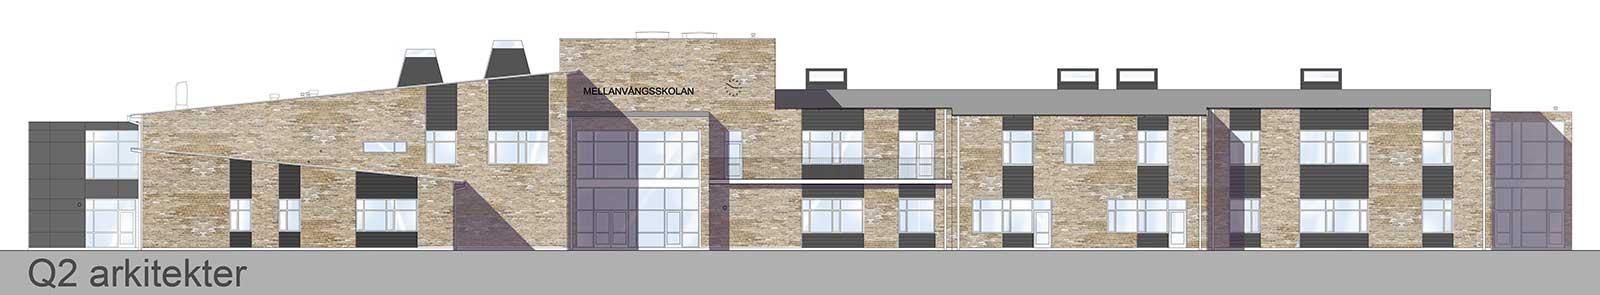 Bild & Licens: Q2 Arkitekter Mellanvångsskolan Fasad mot norr